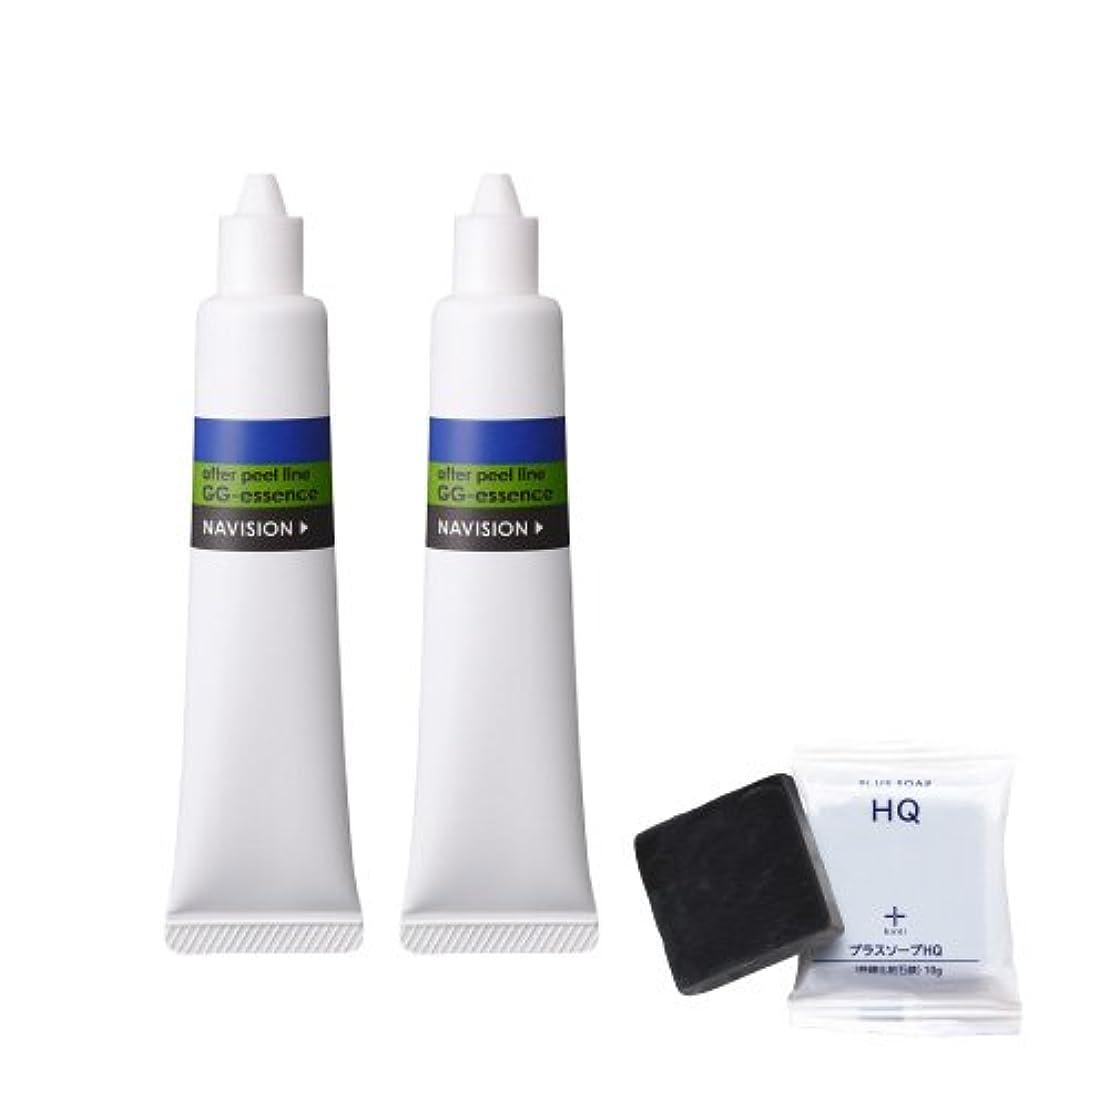 泥ファイルバズナビジョン GGエッセンス 美容液 2本 + プラスソープHQミニ